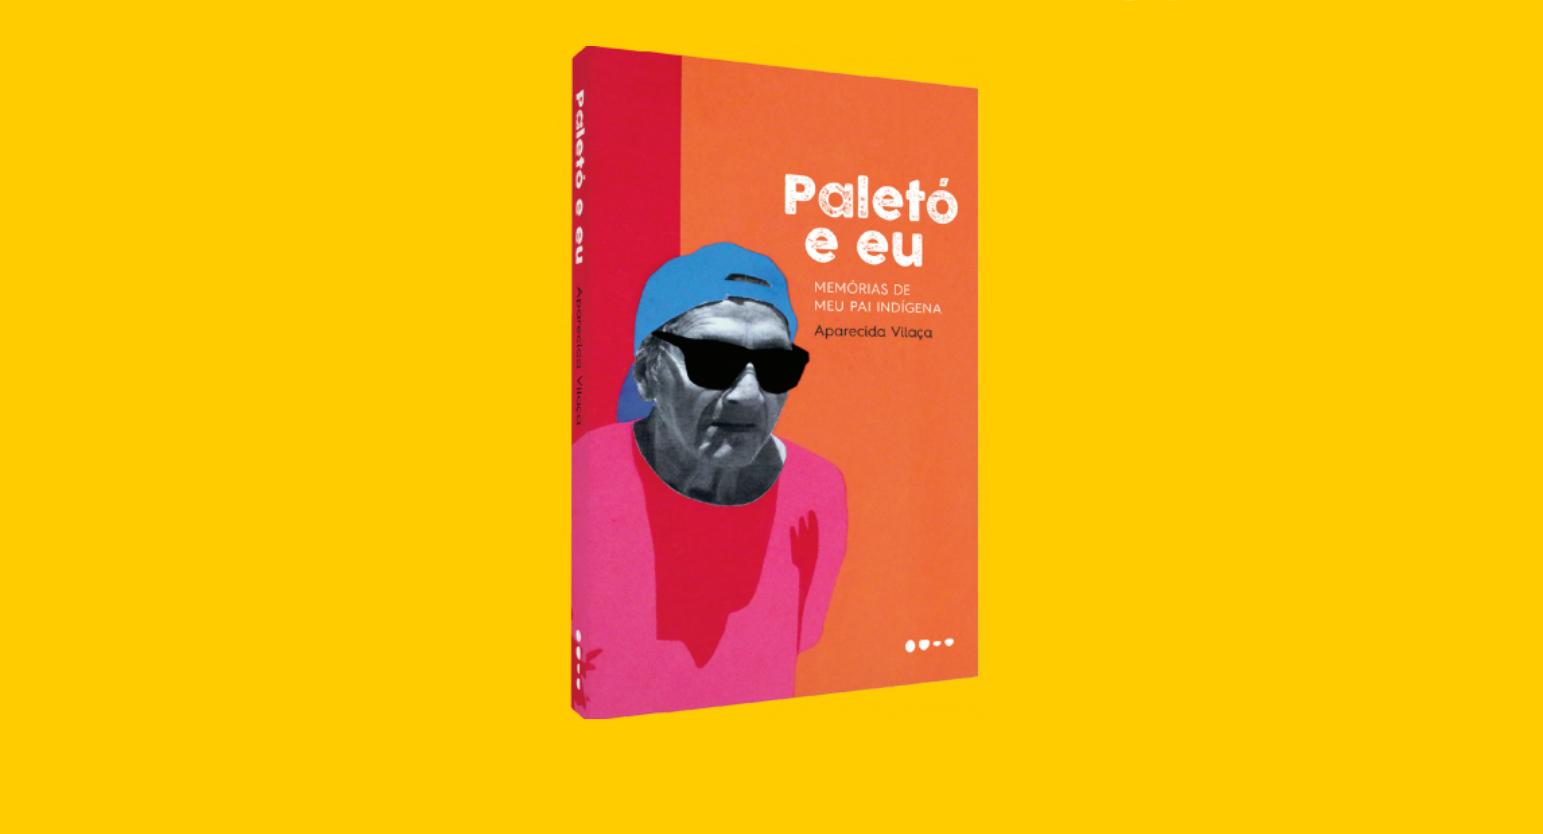 """Sobre """"Paletó e eu: memórias de meu pai indígena"""", livrode Aparecida Vilaça"""